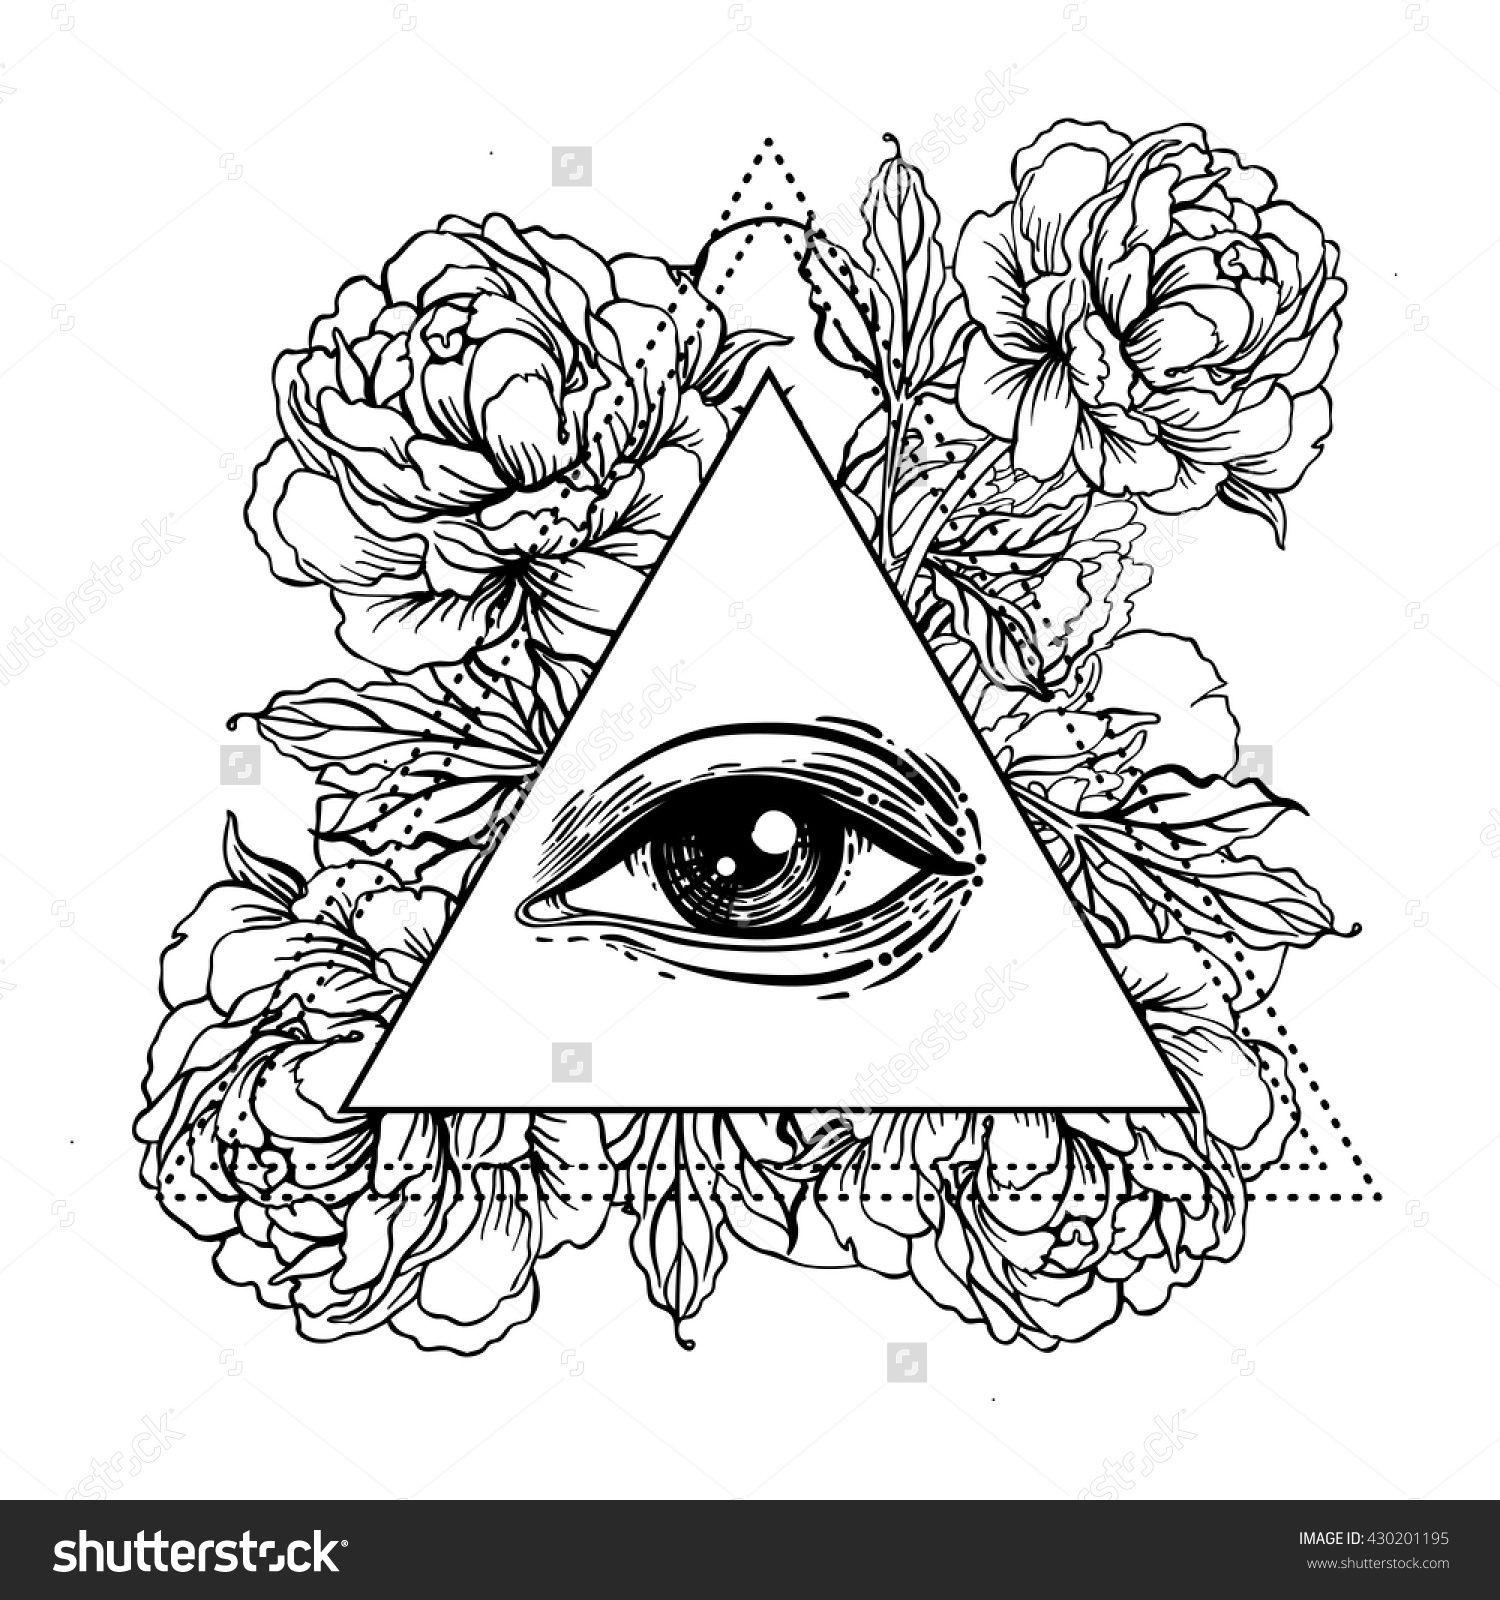 Blackwork Tattoo Flash All Seeing Eye Pyramid Symbol With